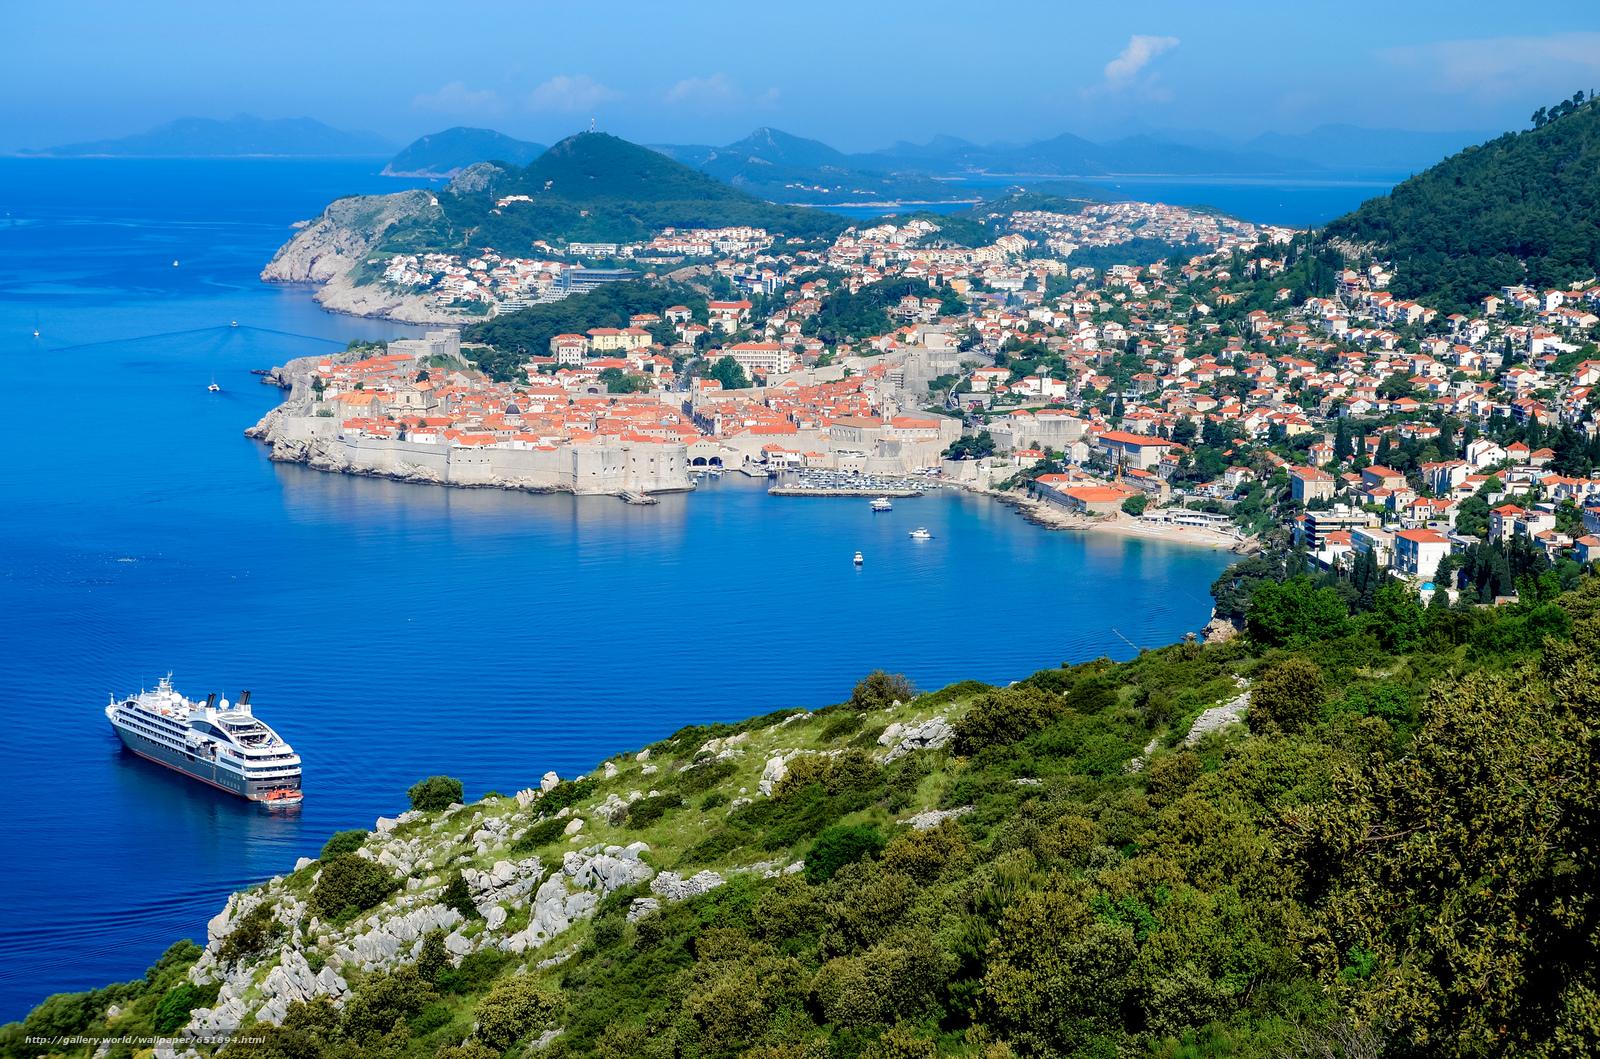 Скачать обои Dubrovnik,  Croatia,  Дубровник,  Хорватия бесплатно для рабочего стола в разрешении 2048x1356 — картинка №651894